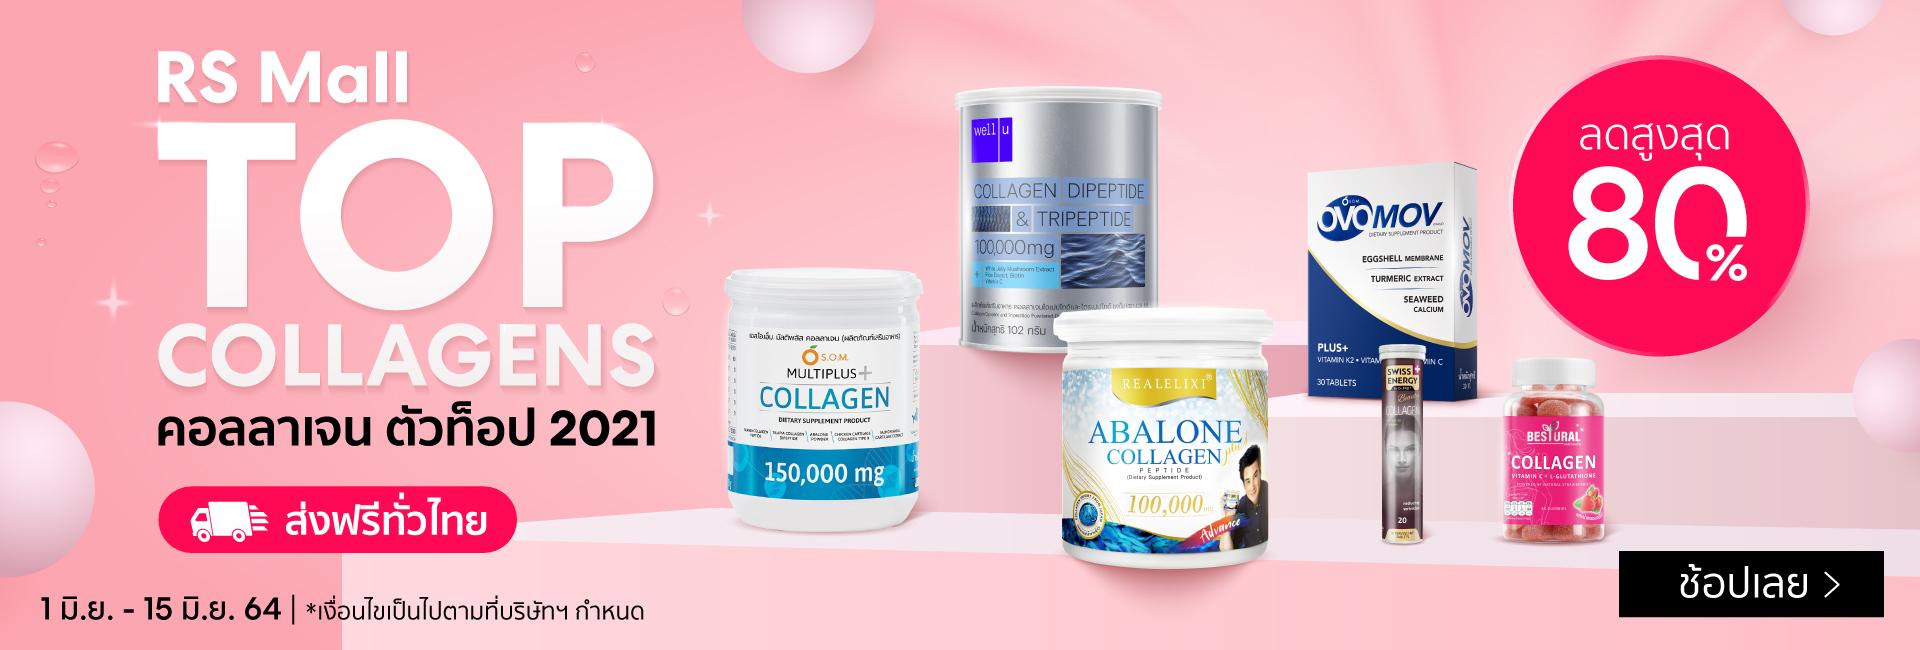 Top Collagen